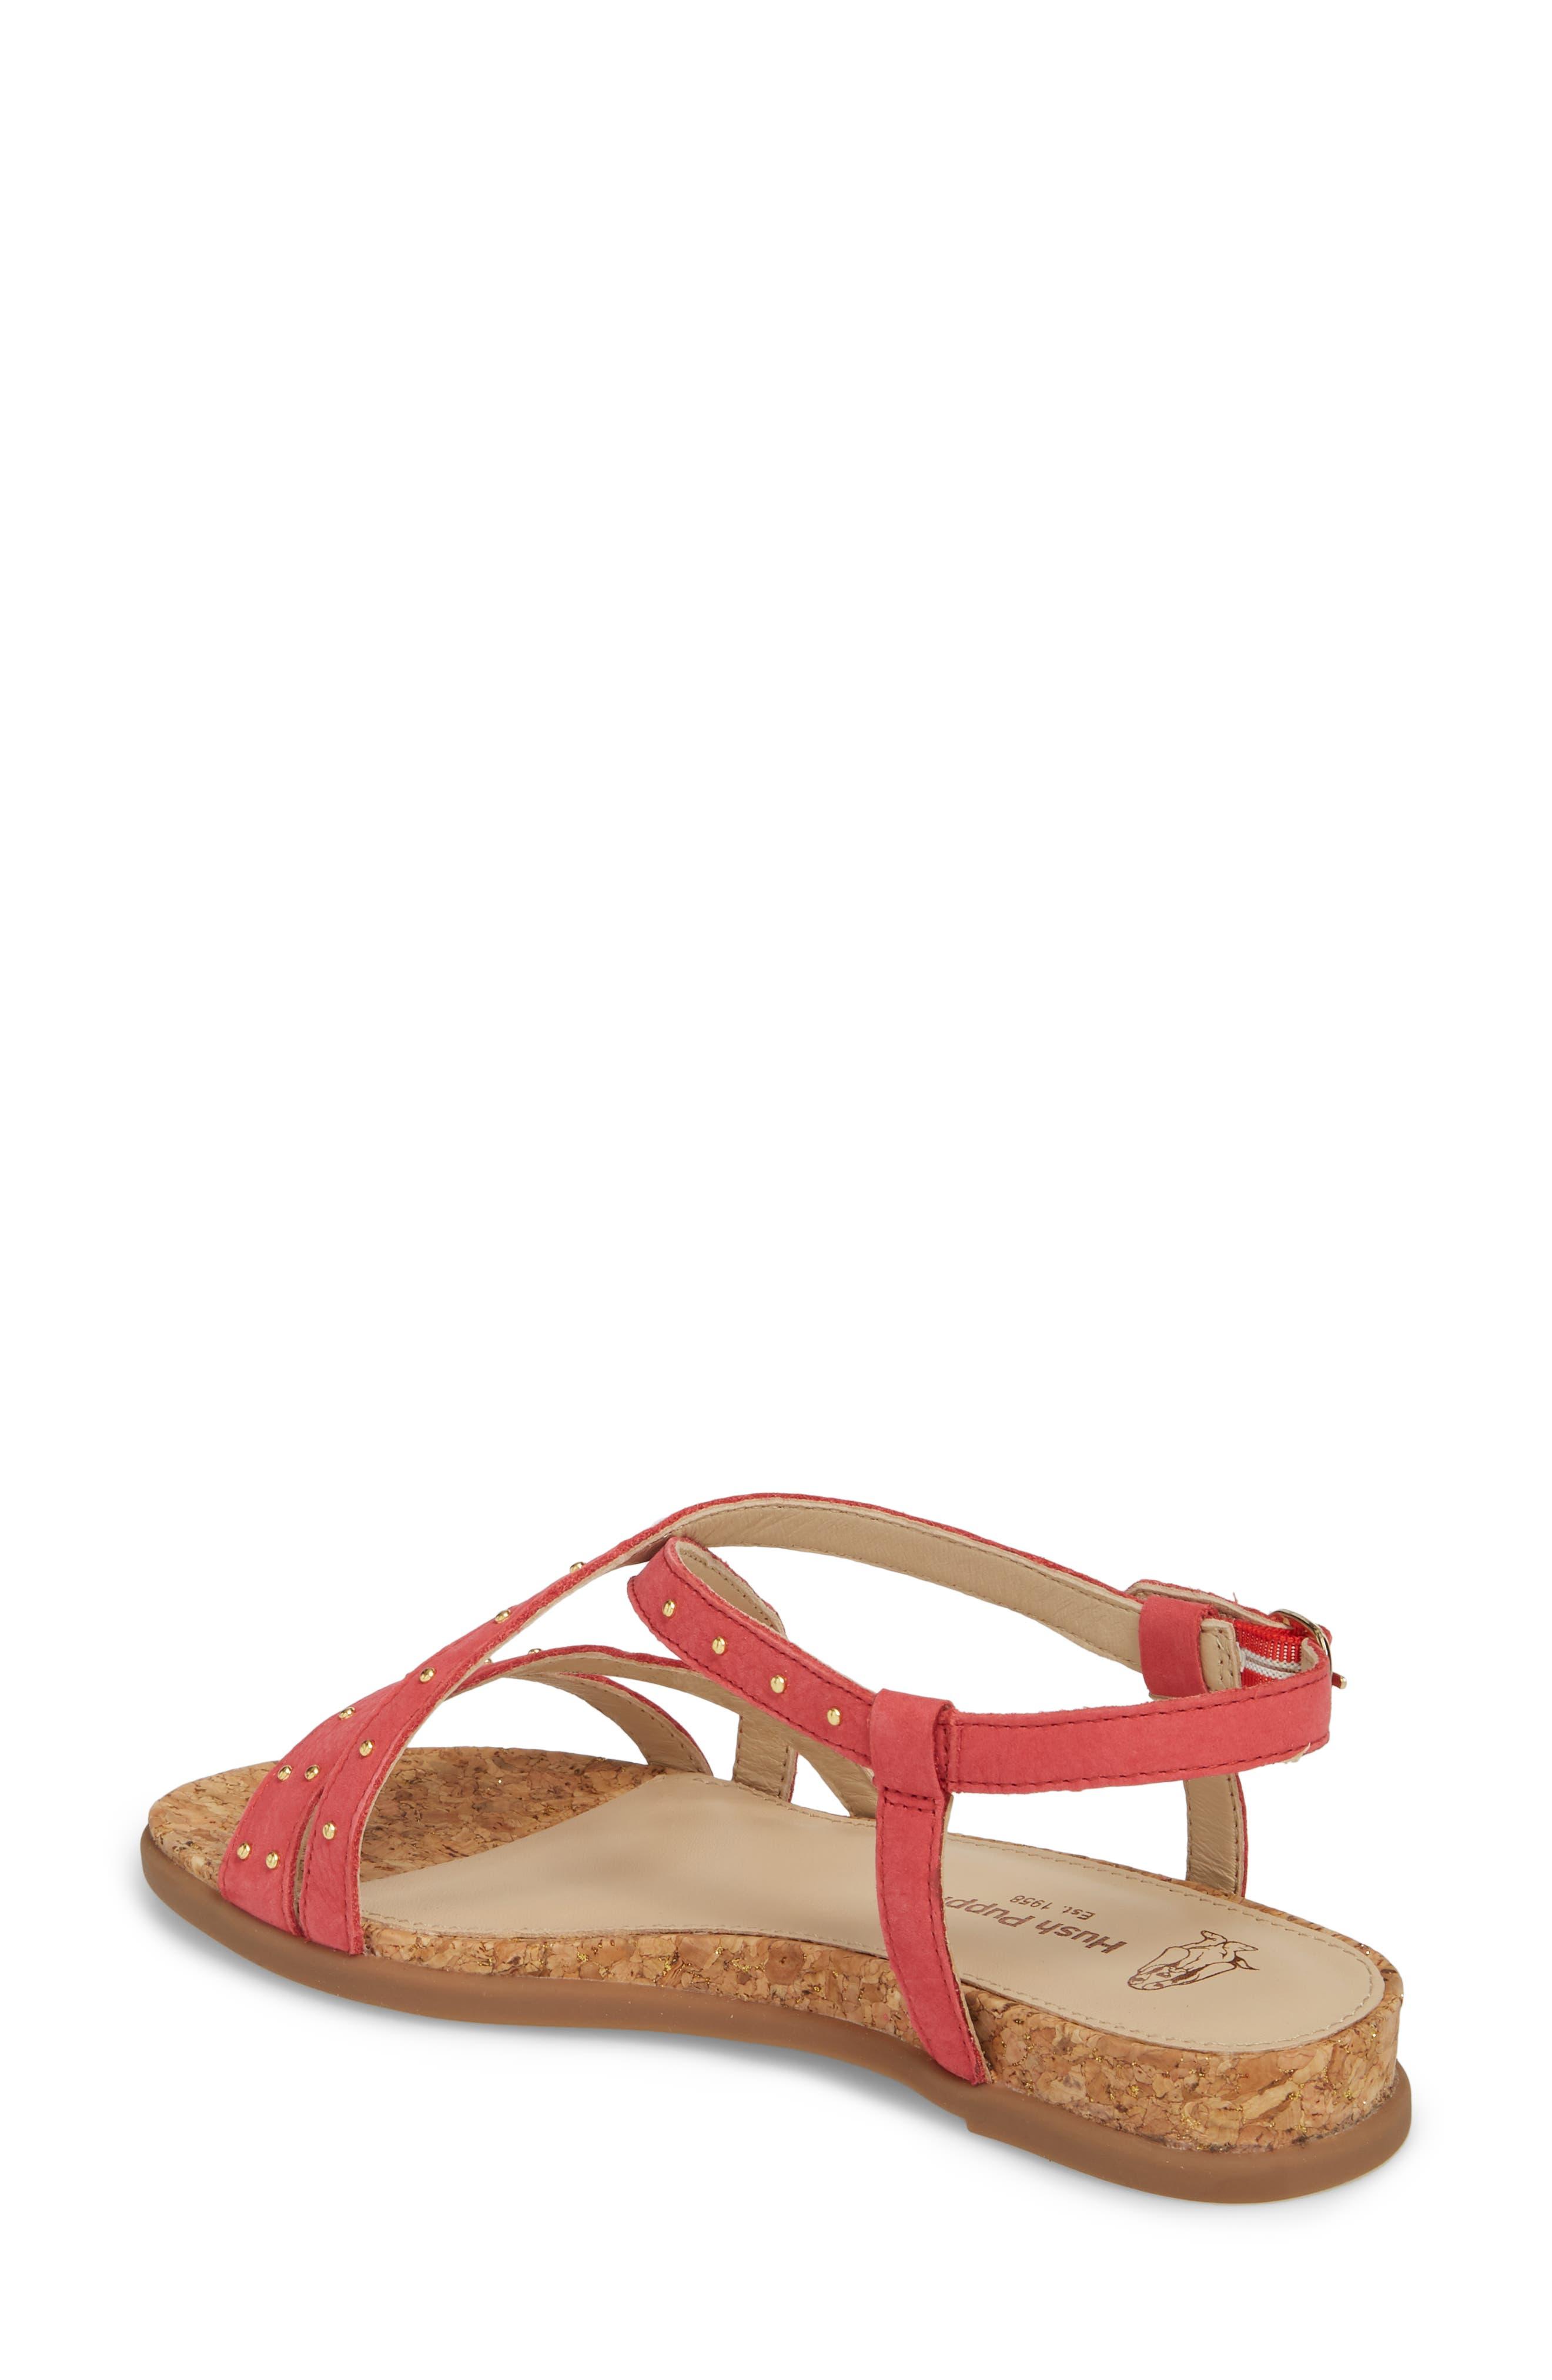 Dalmatian Studded Sandal,                             Alternate thumbnail 7, color,